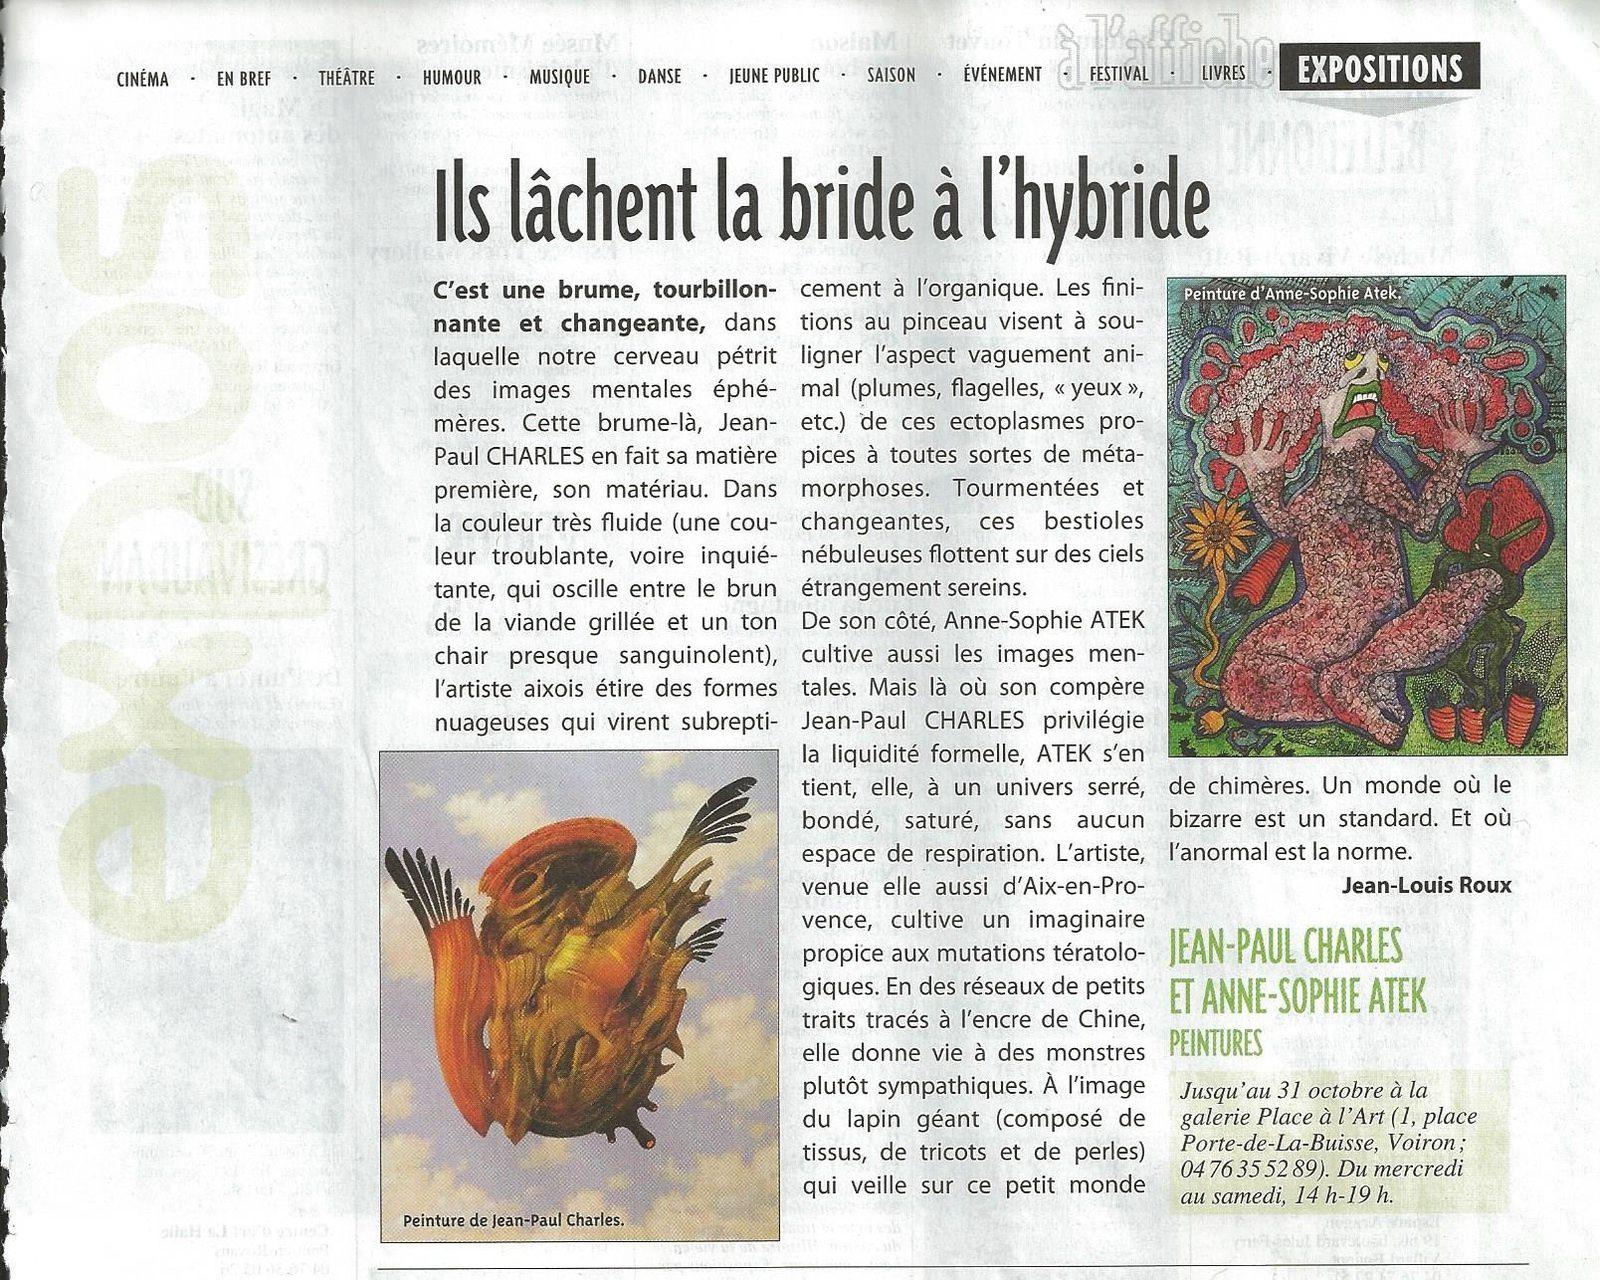 Article Anne-Sophie Atek & Jean-Paul Charles